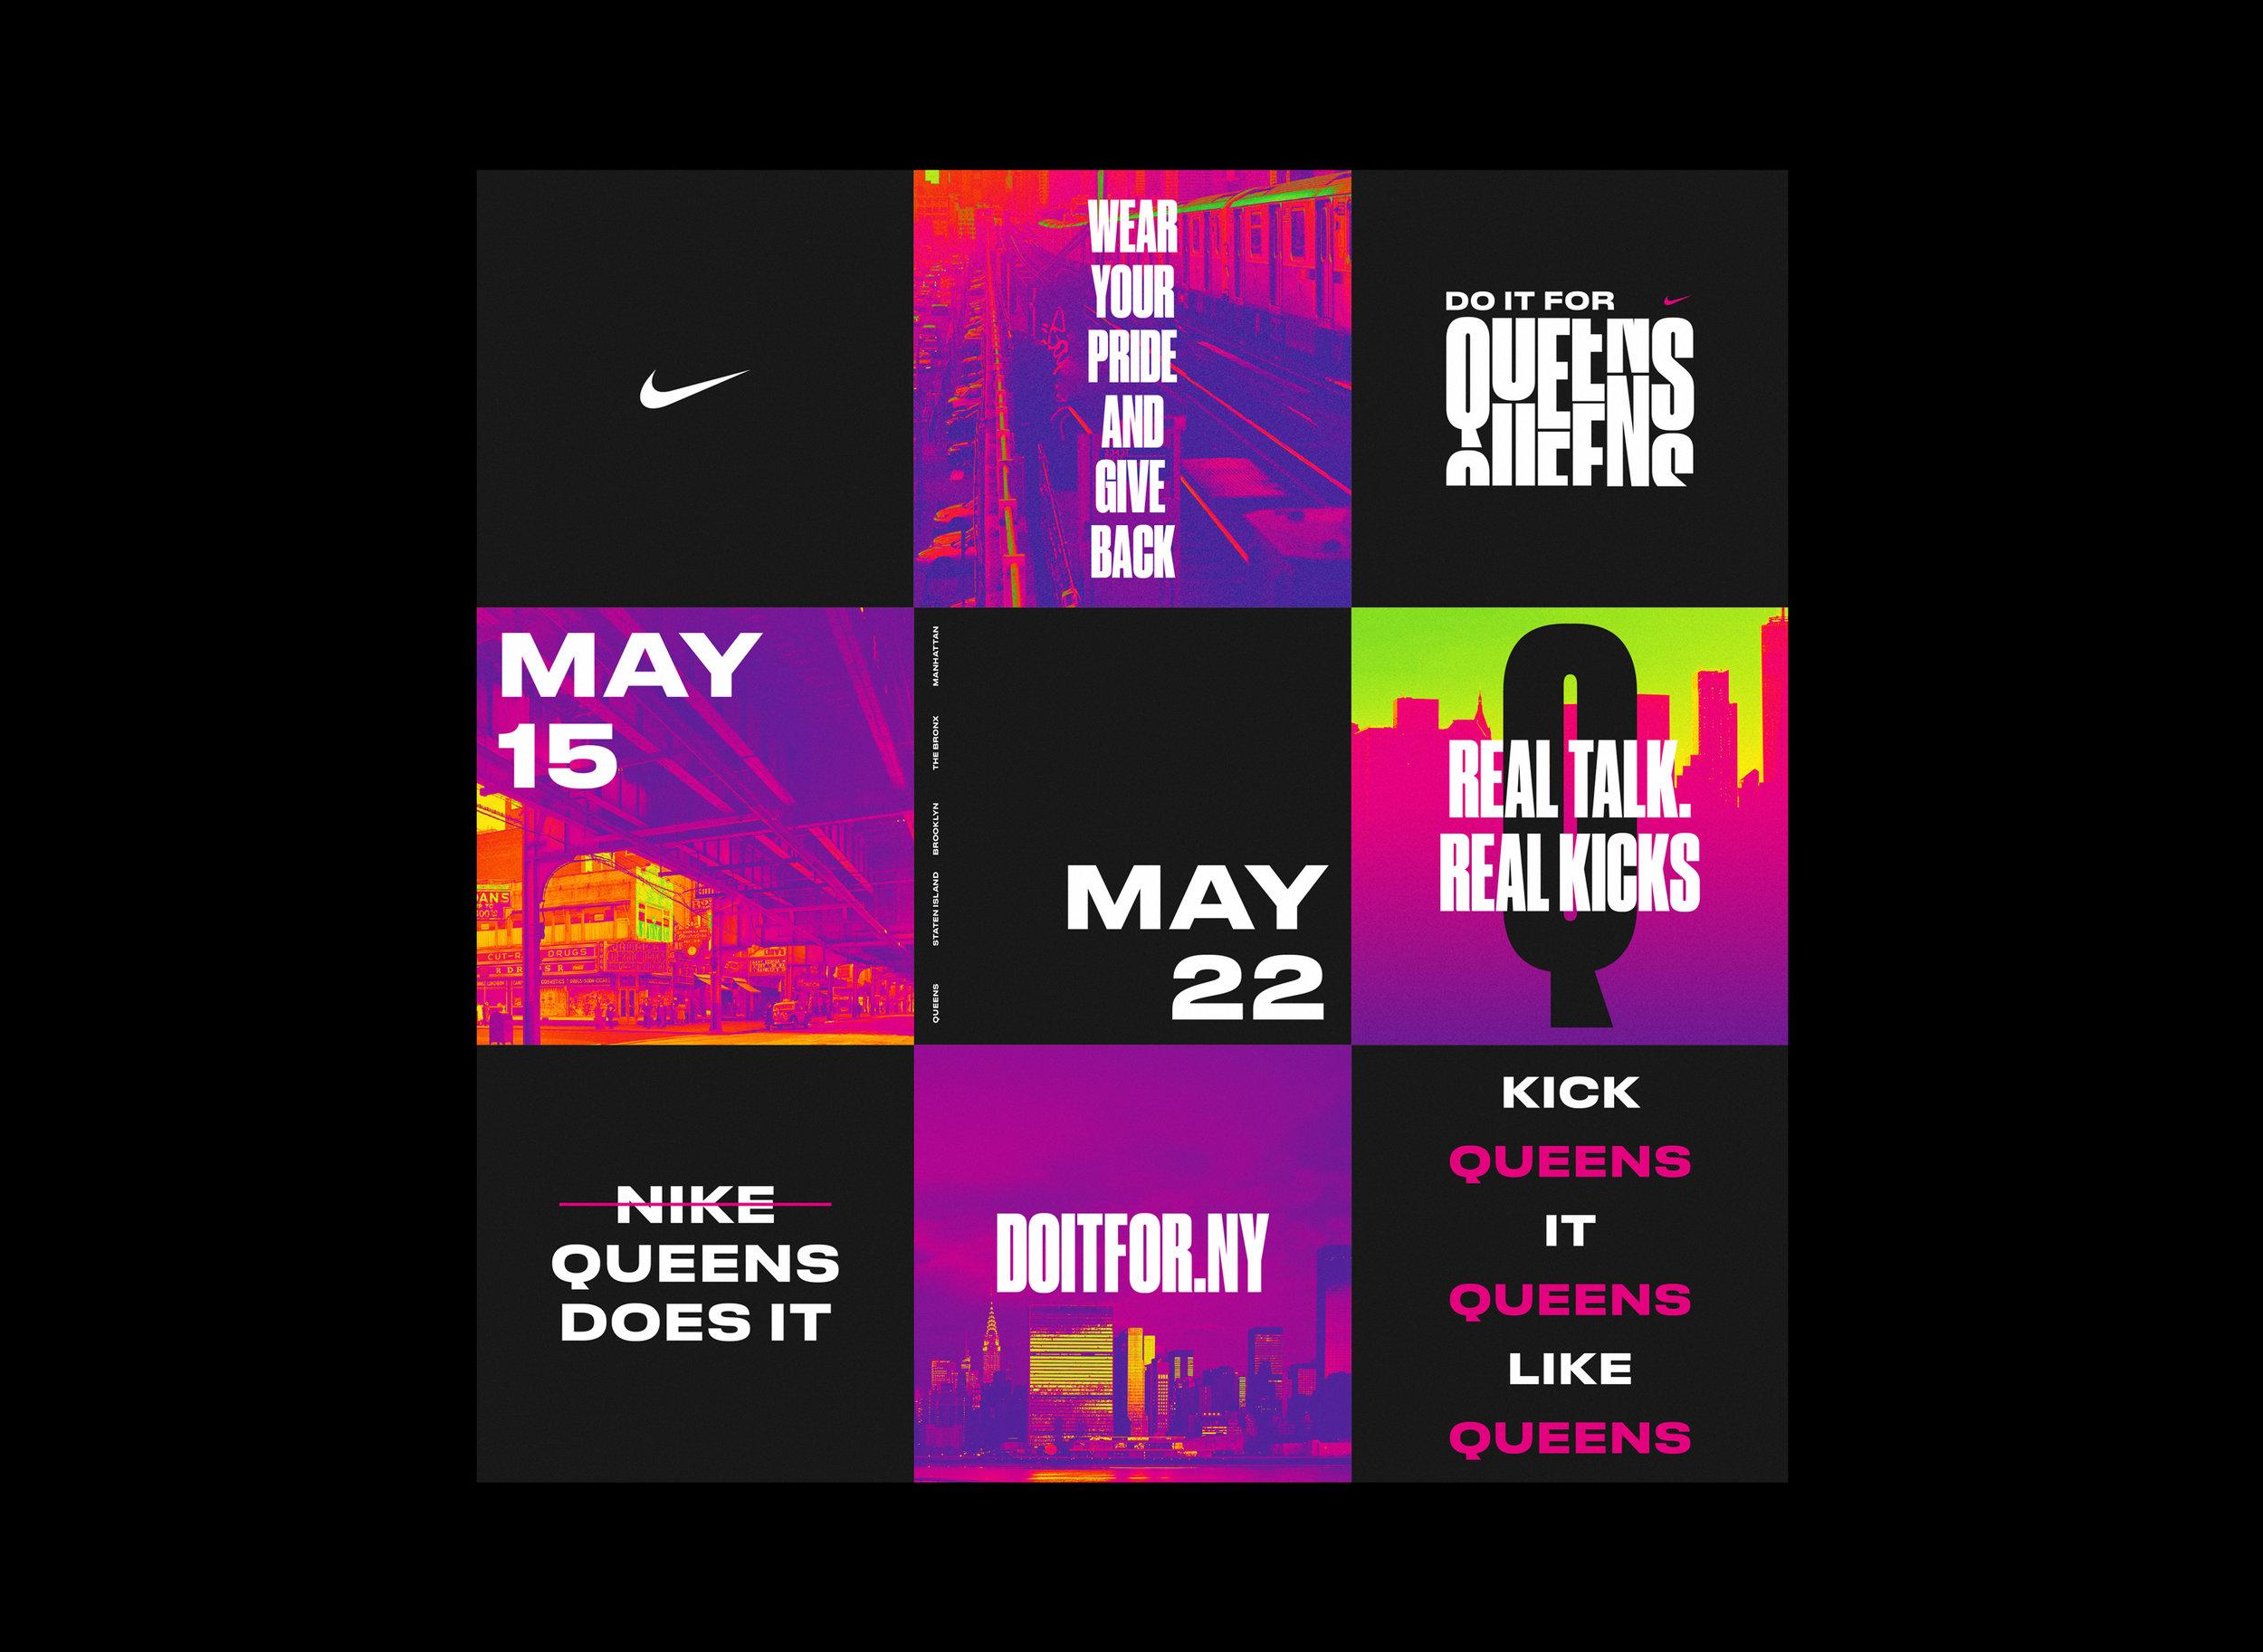 SH19_Nike_Insta_Main.jpg